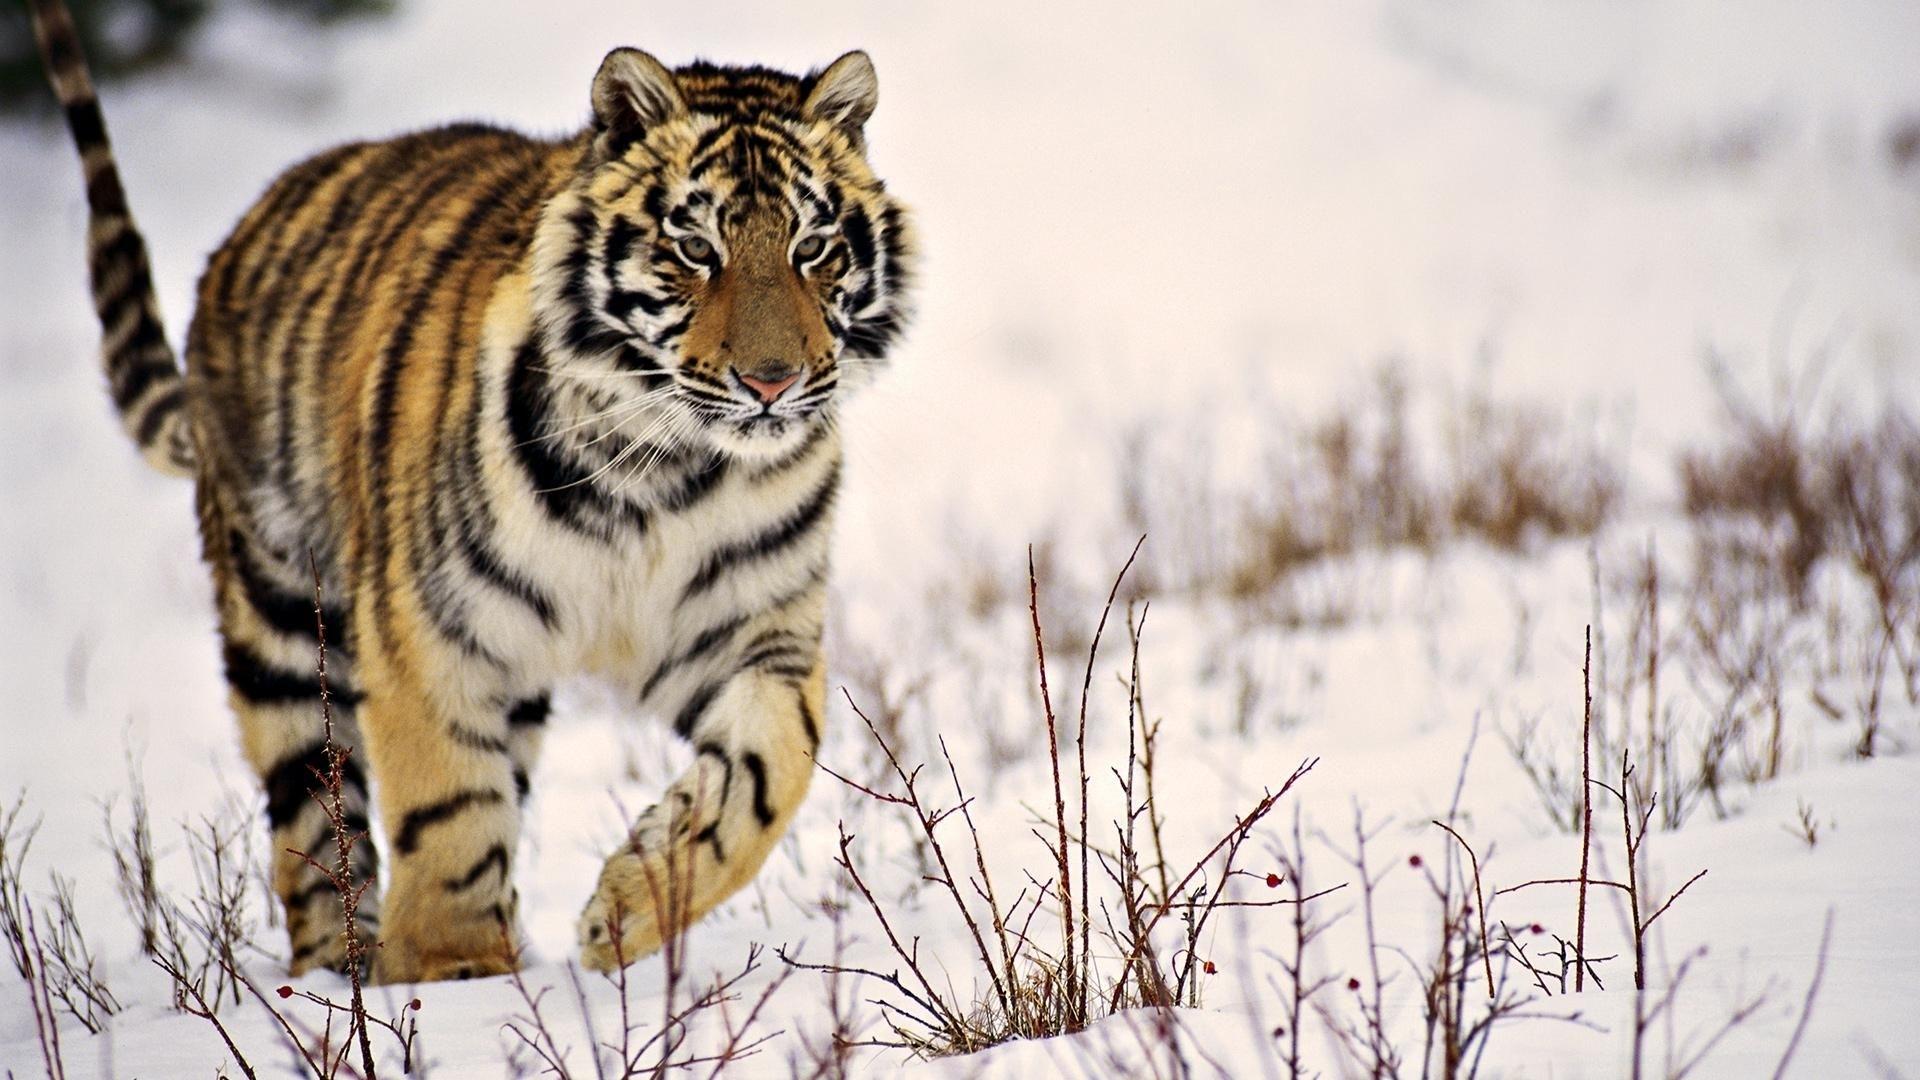 x tiger wallpaper full hd 1280×800 tiger wallpapers hd (40